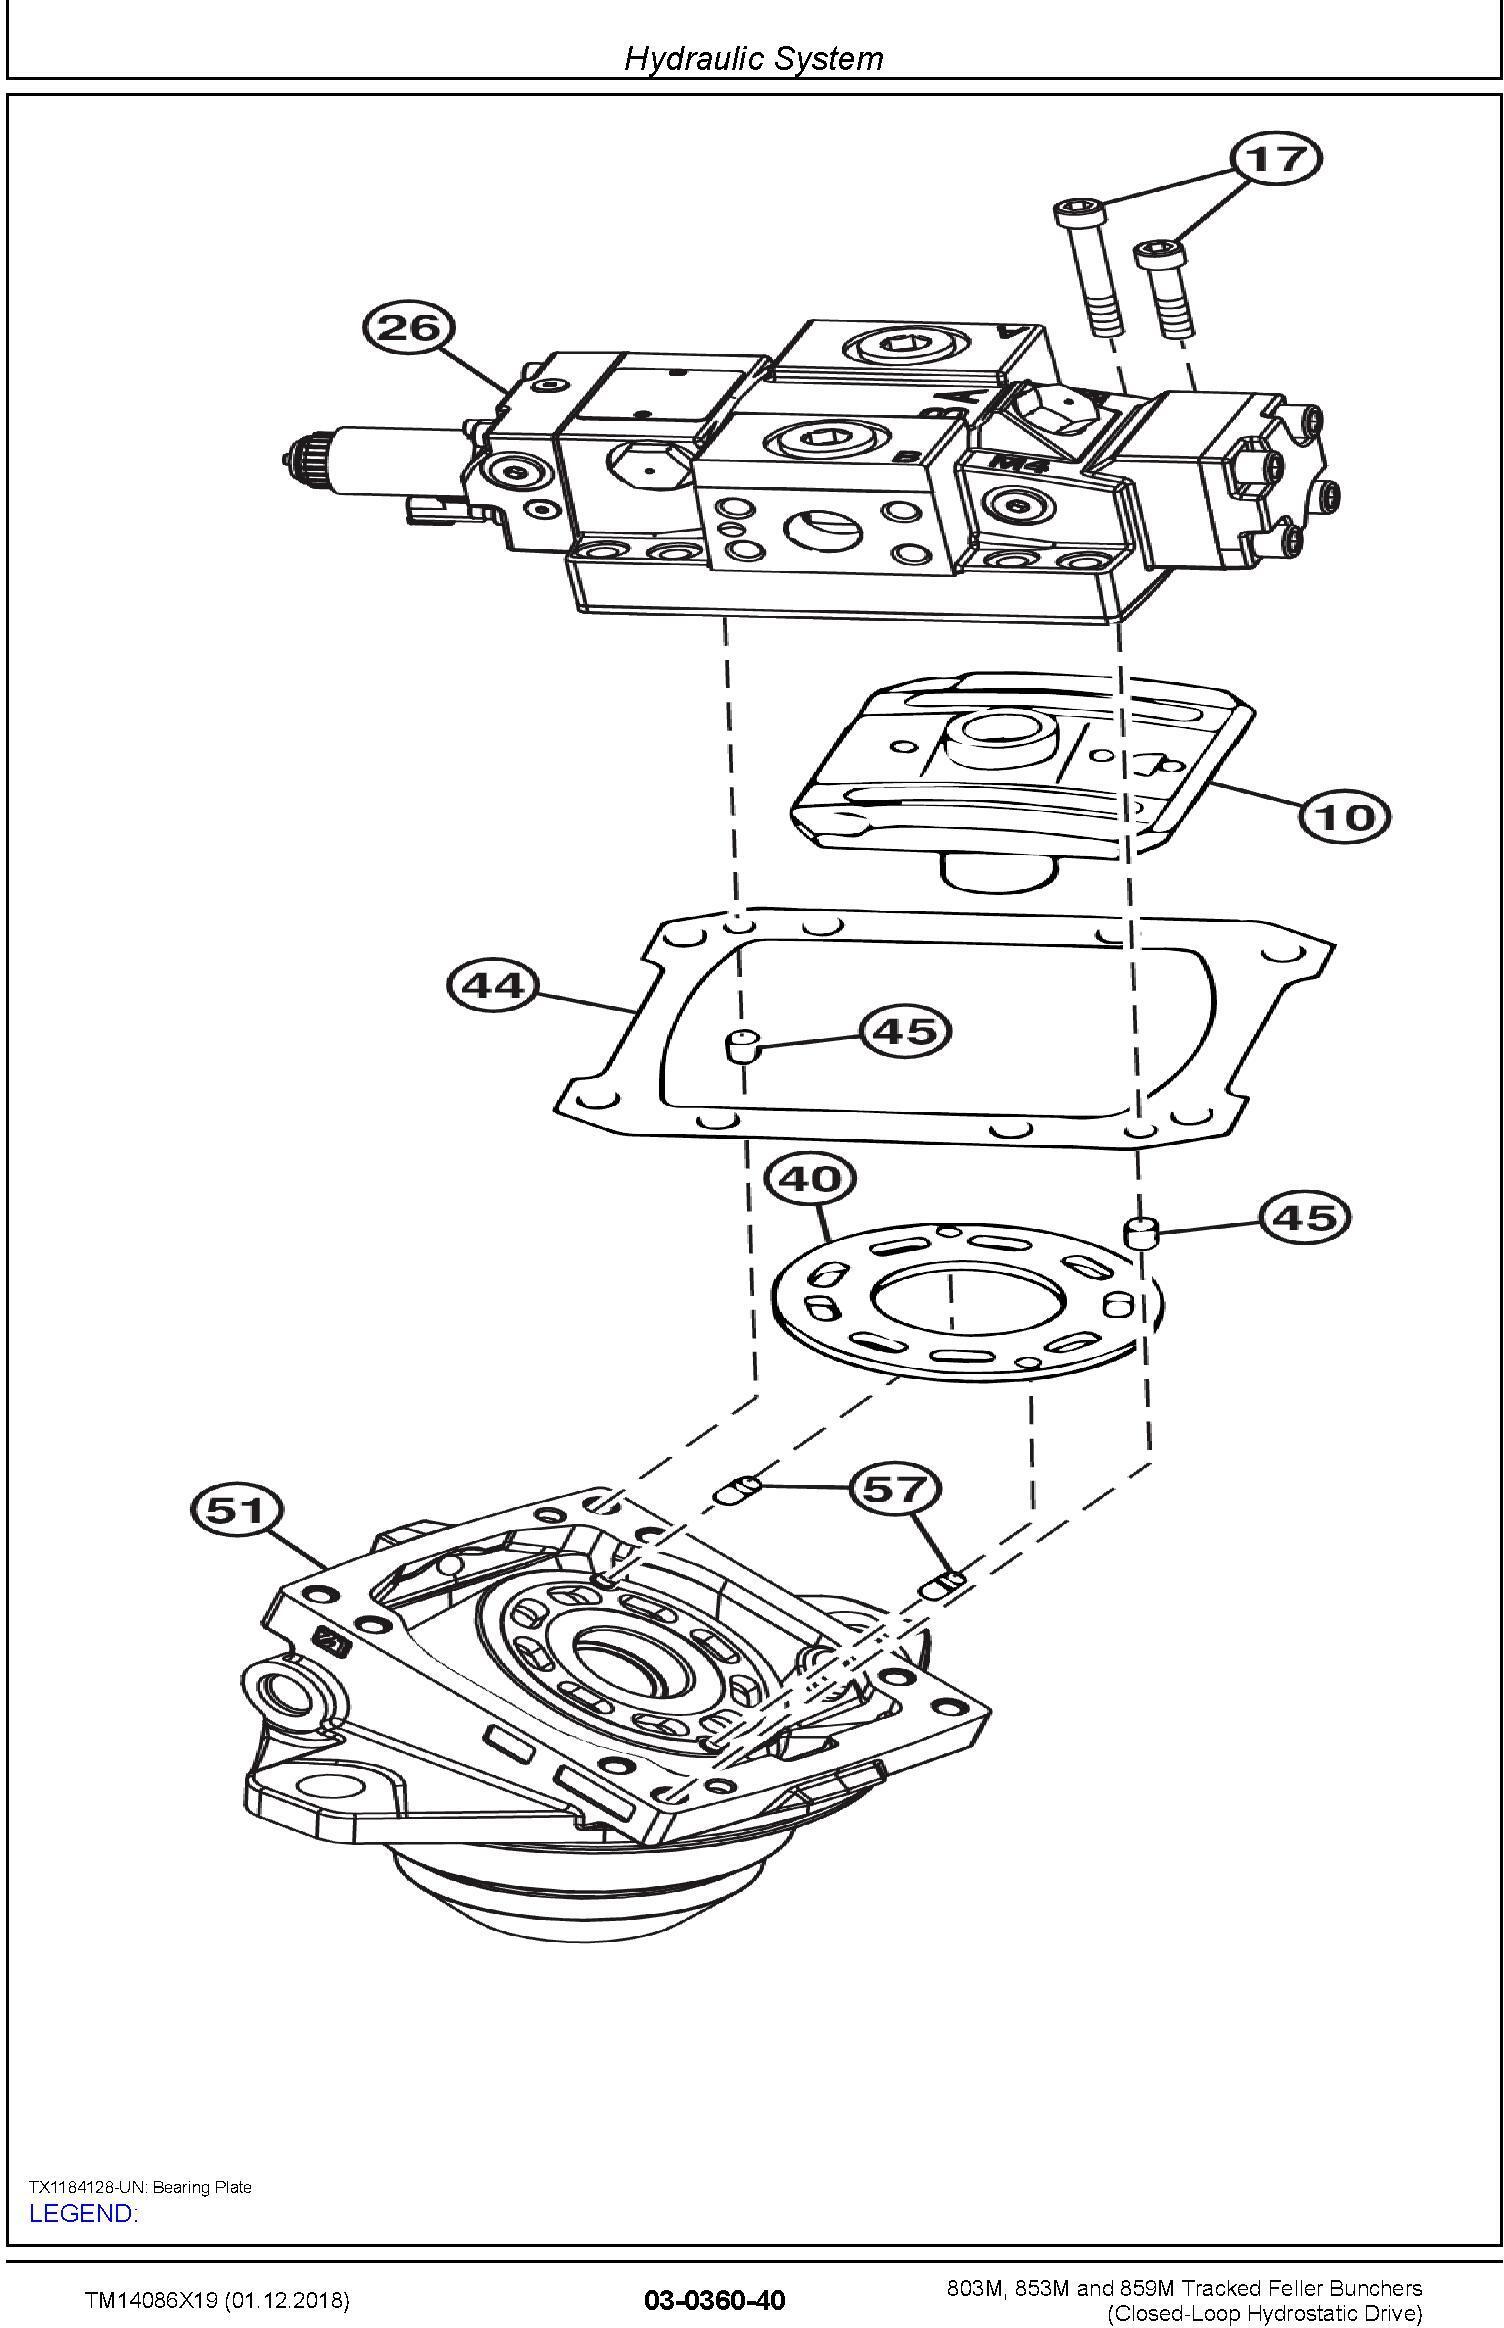 John Deere 803M,853M,859M(SN.F293917-,L343911-) Feller Buncher (Closed-Loop) Repair Manual TM14086X19 - 3